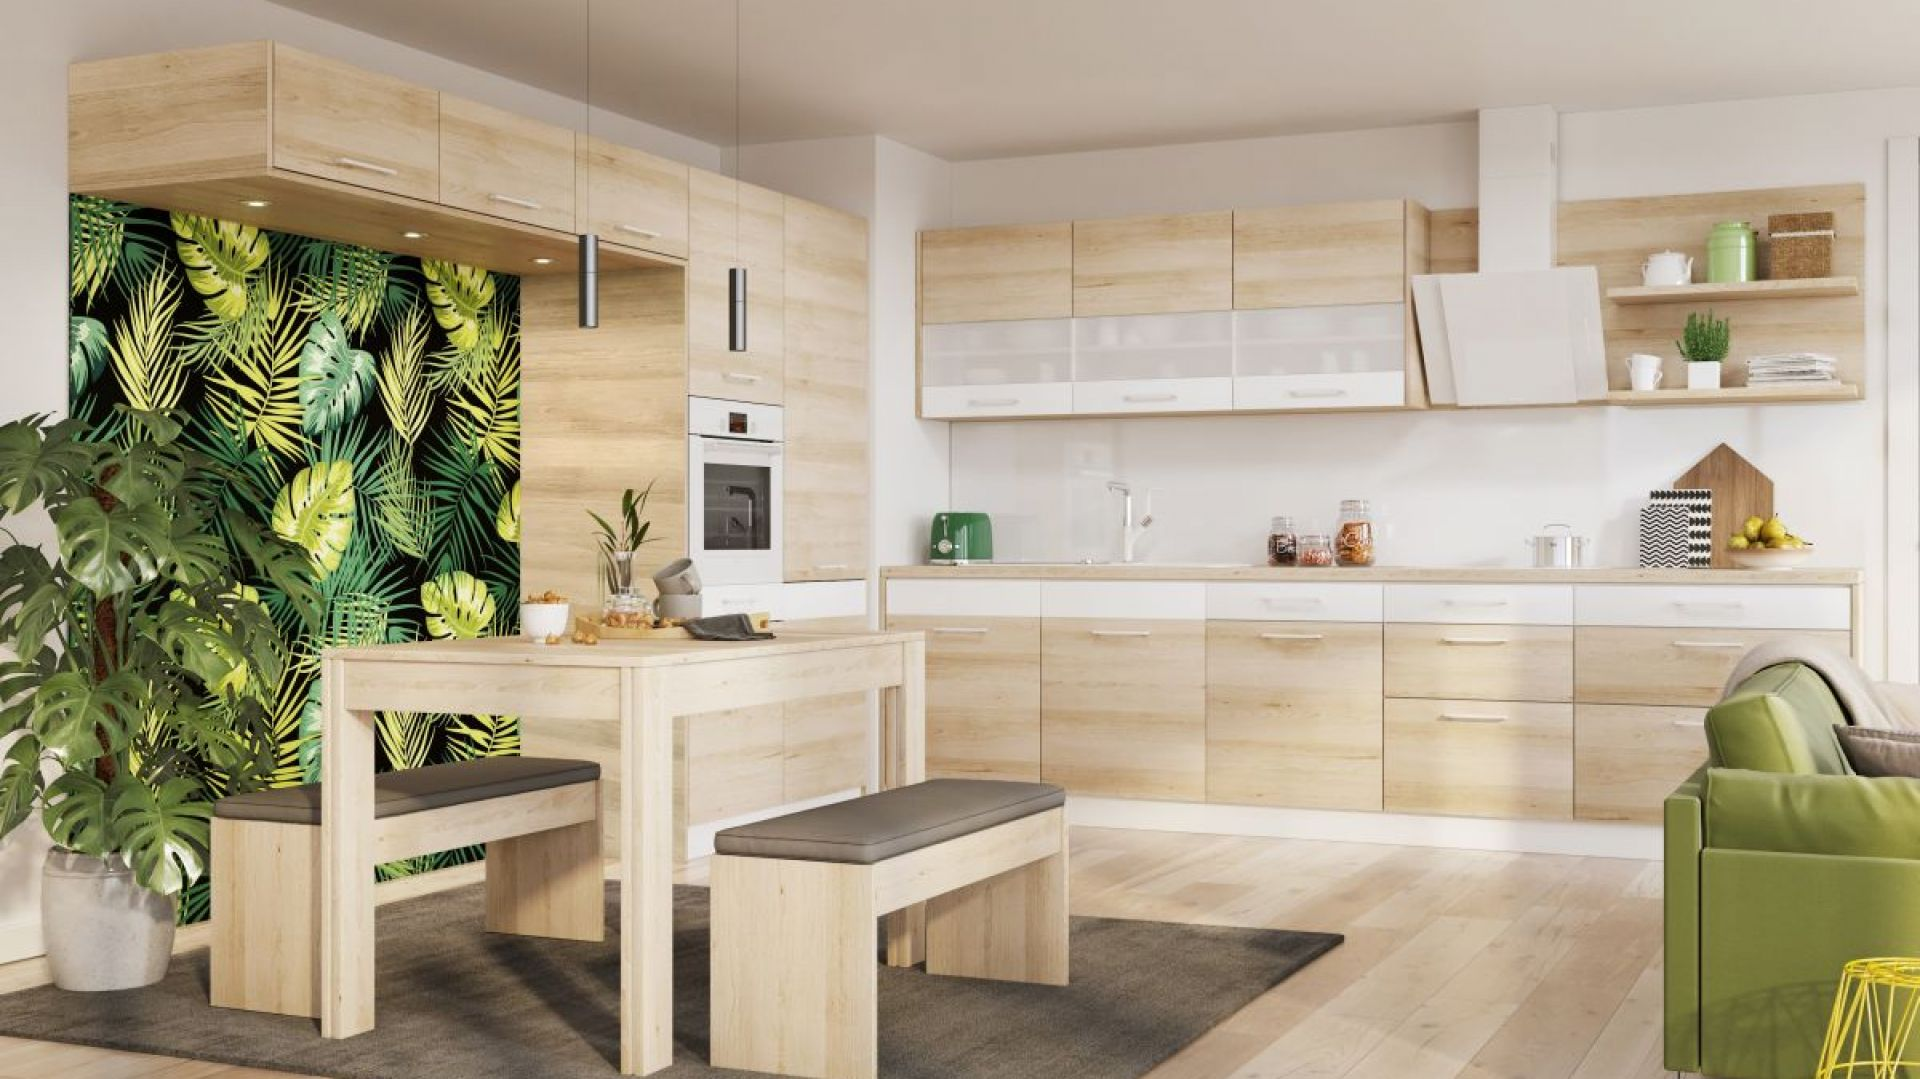 Stół na granicy kuchni i salonu stanowi subtelne nawiązanie do klasycznych jadalni. Fot. Kam